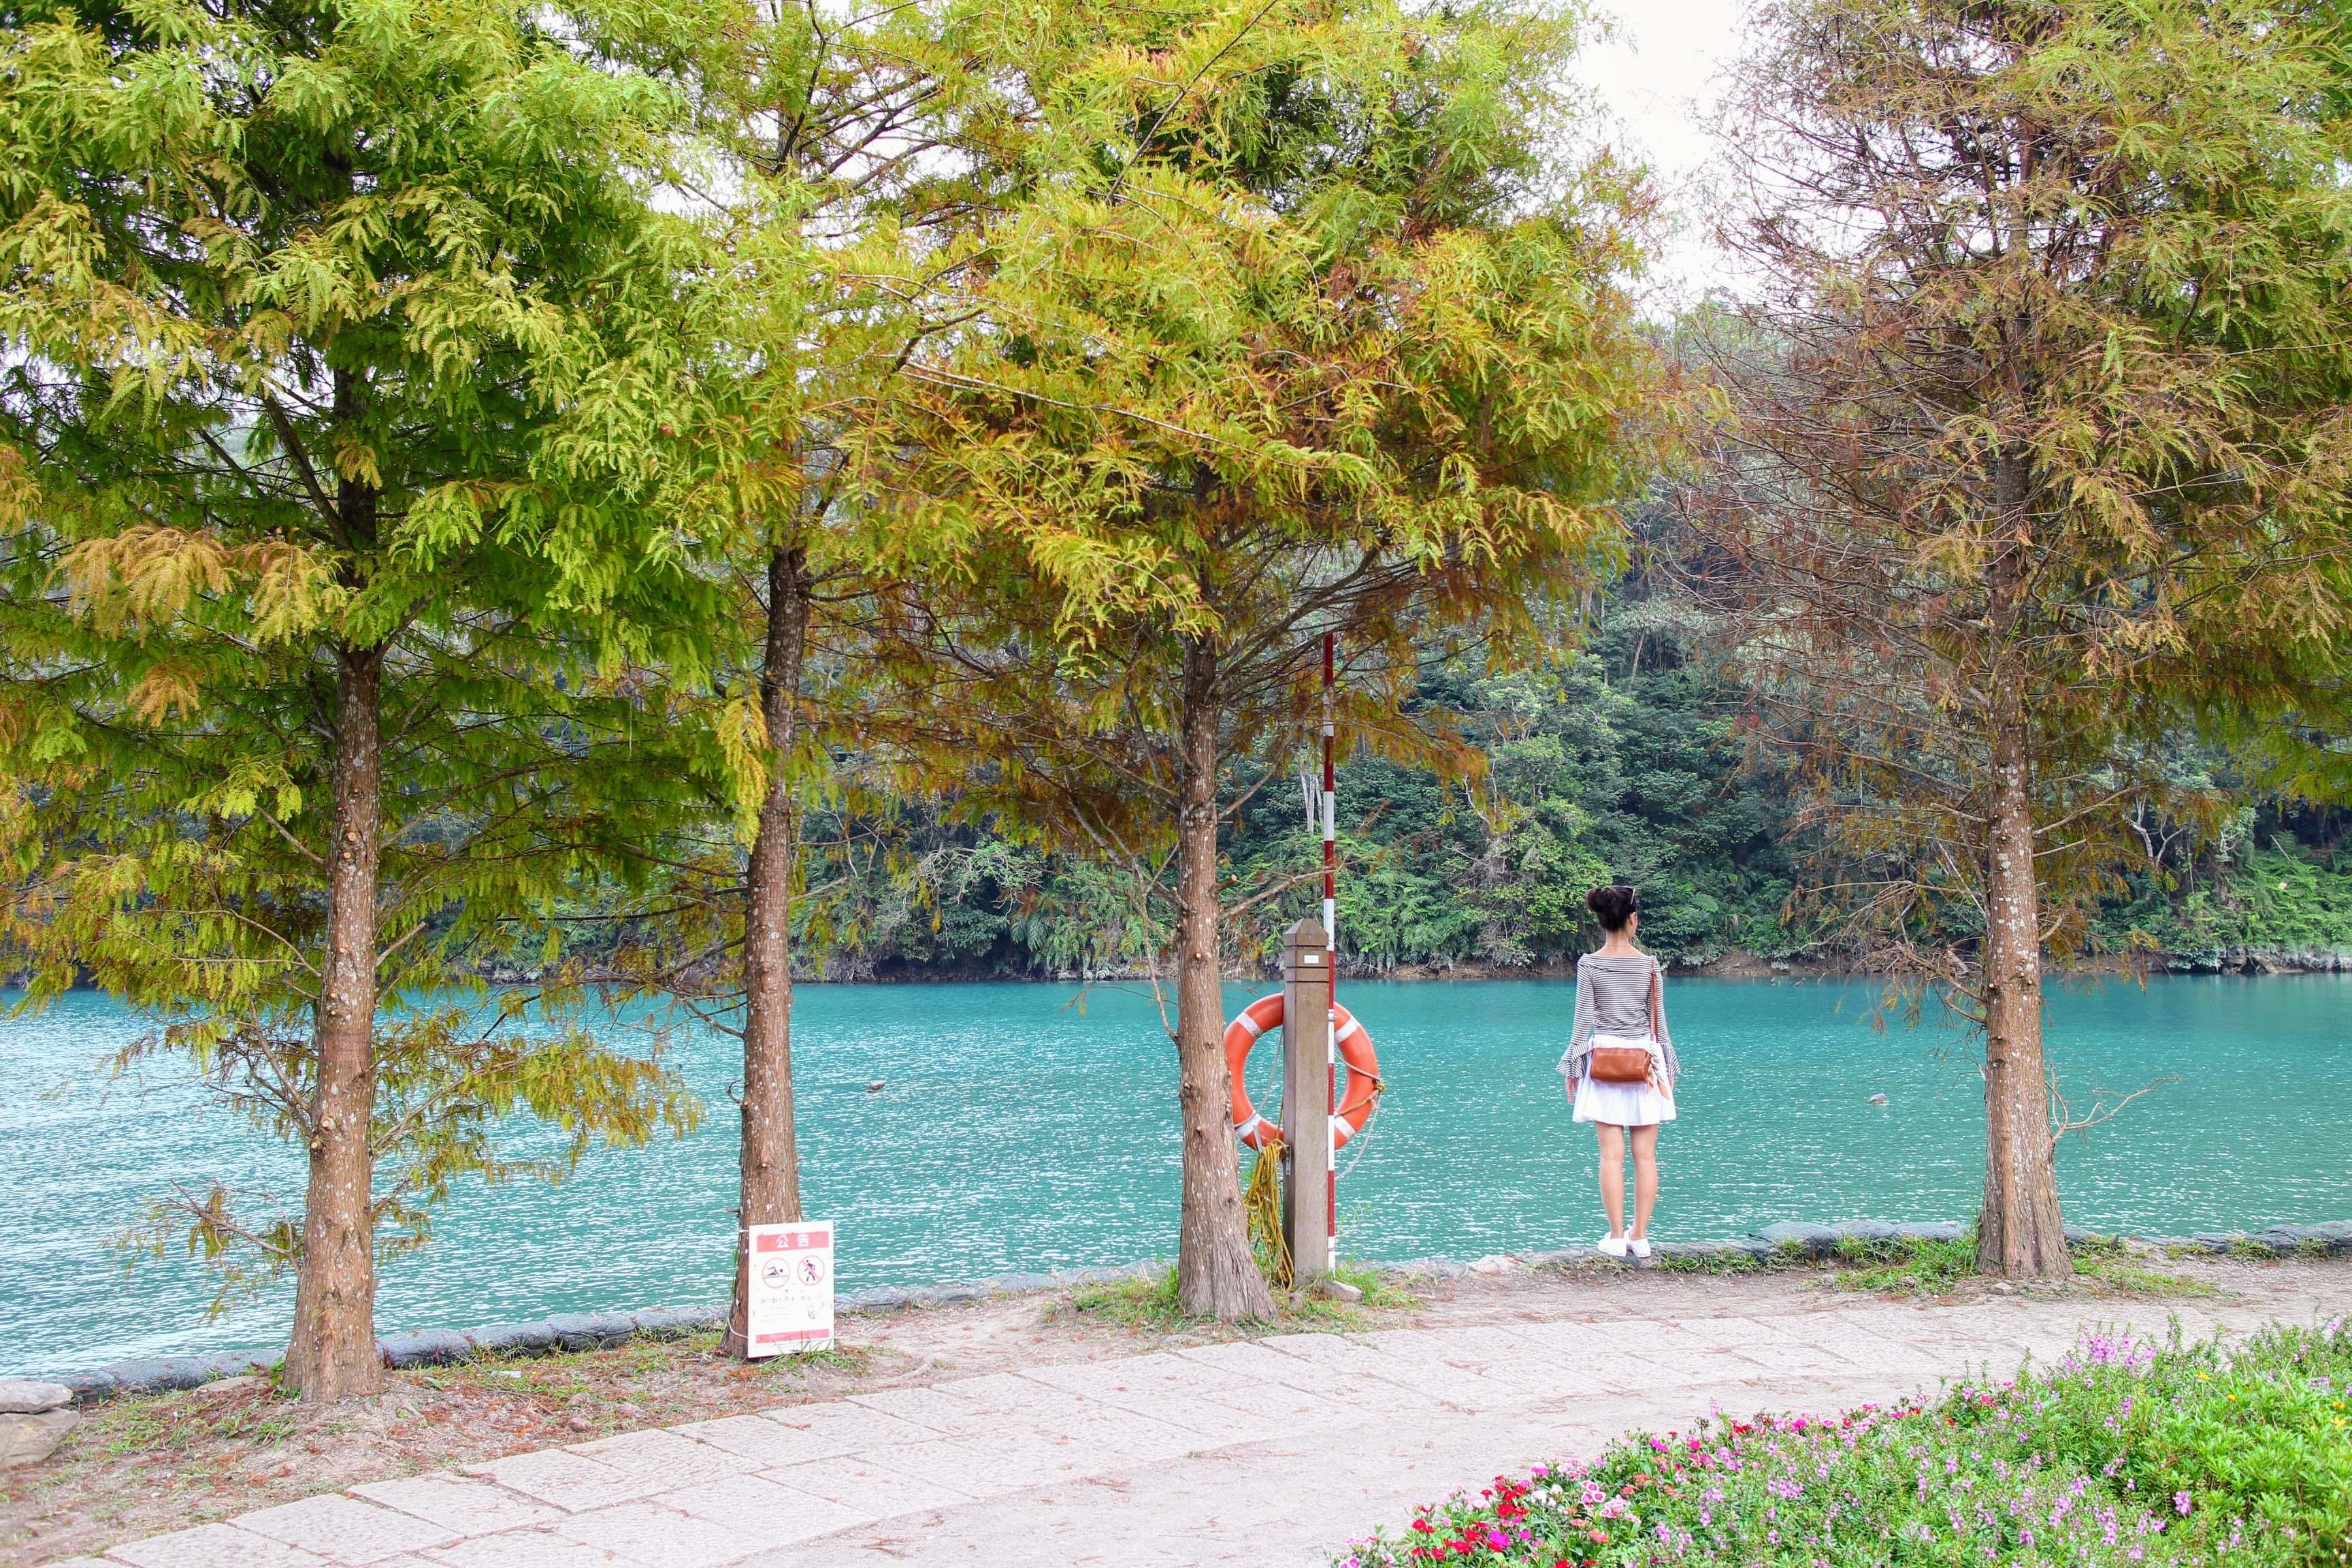 抵達向山遊客中心之前,別錯過這個美麗的公園。